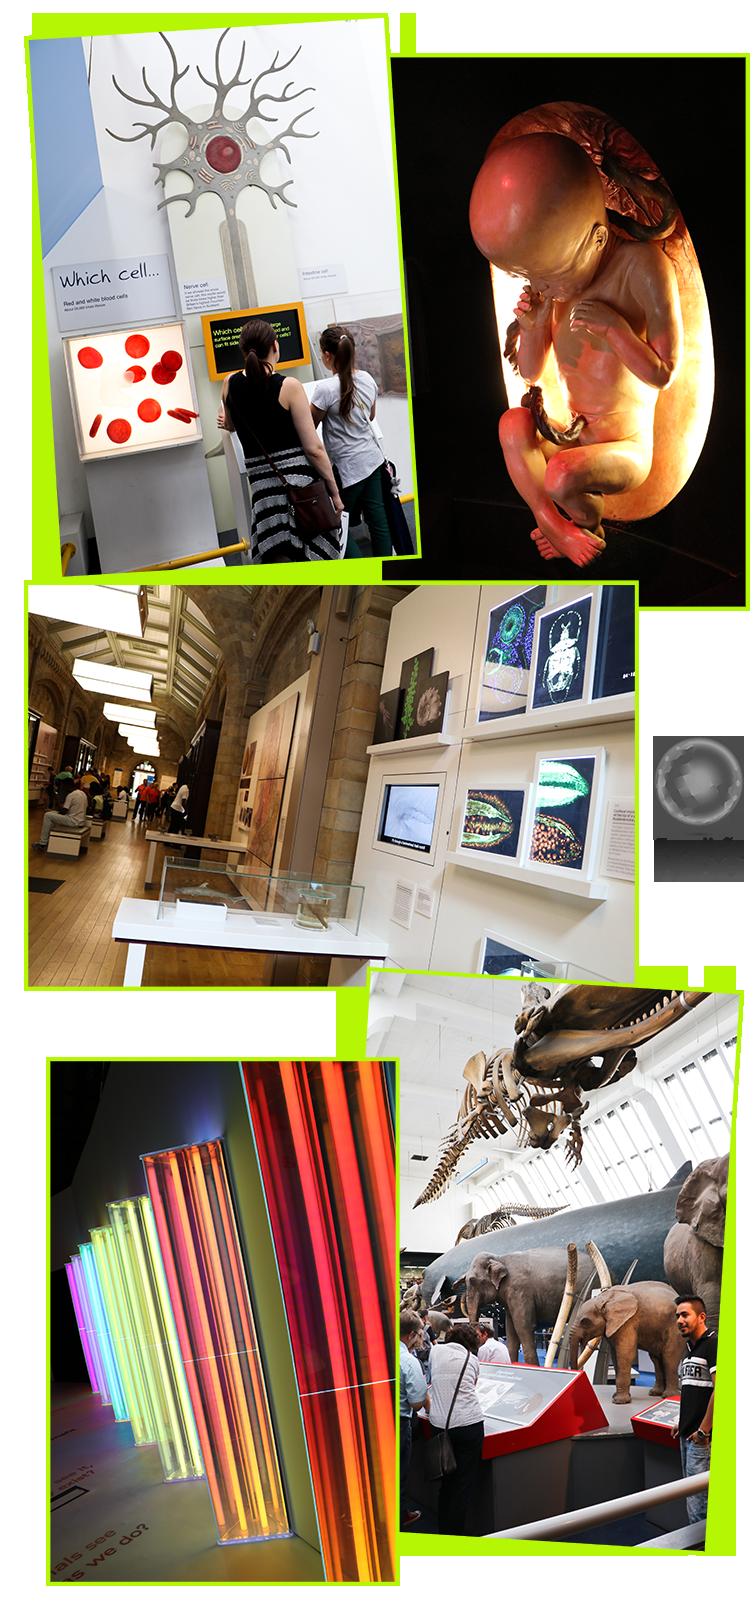 expedicao-vida-museu-historia-natural-londres-4